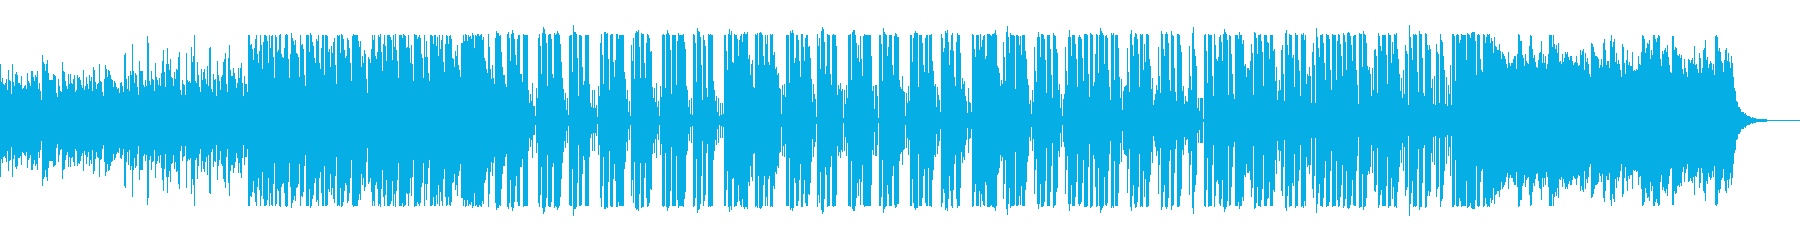 疾走感と近未来感のシンセポップサウンドの再生済みの波形